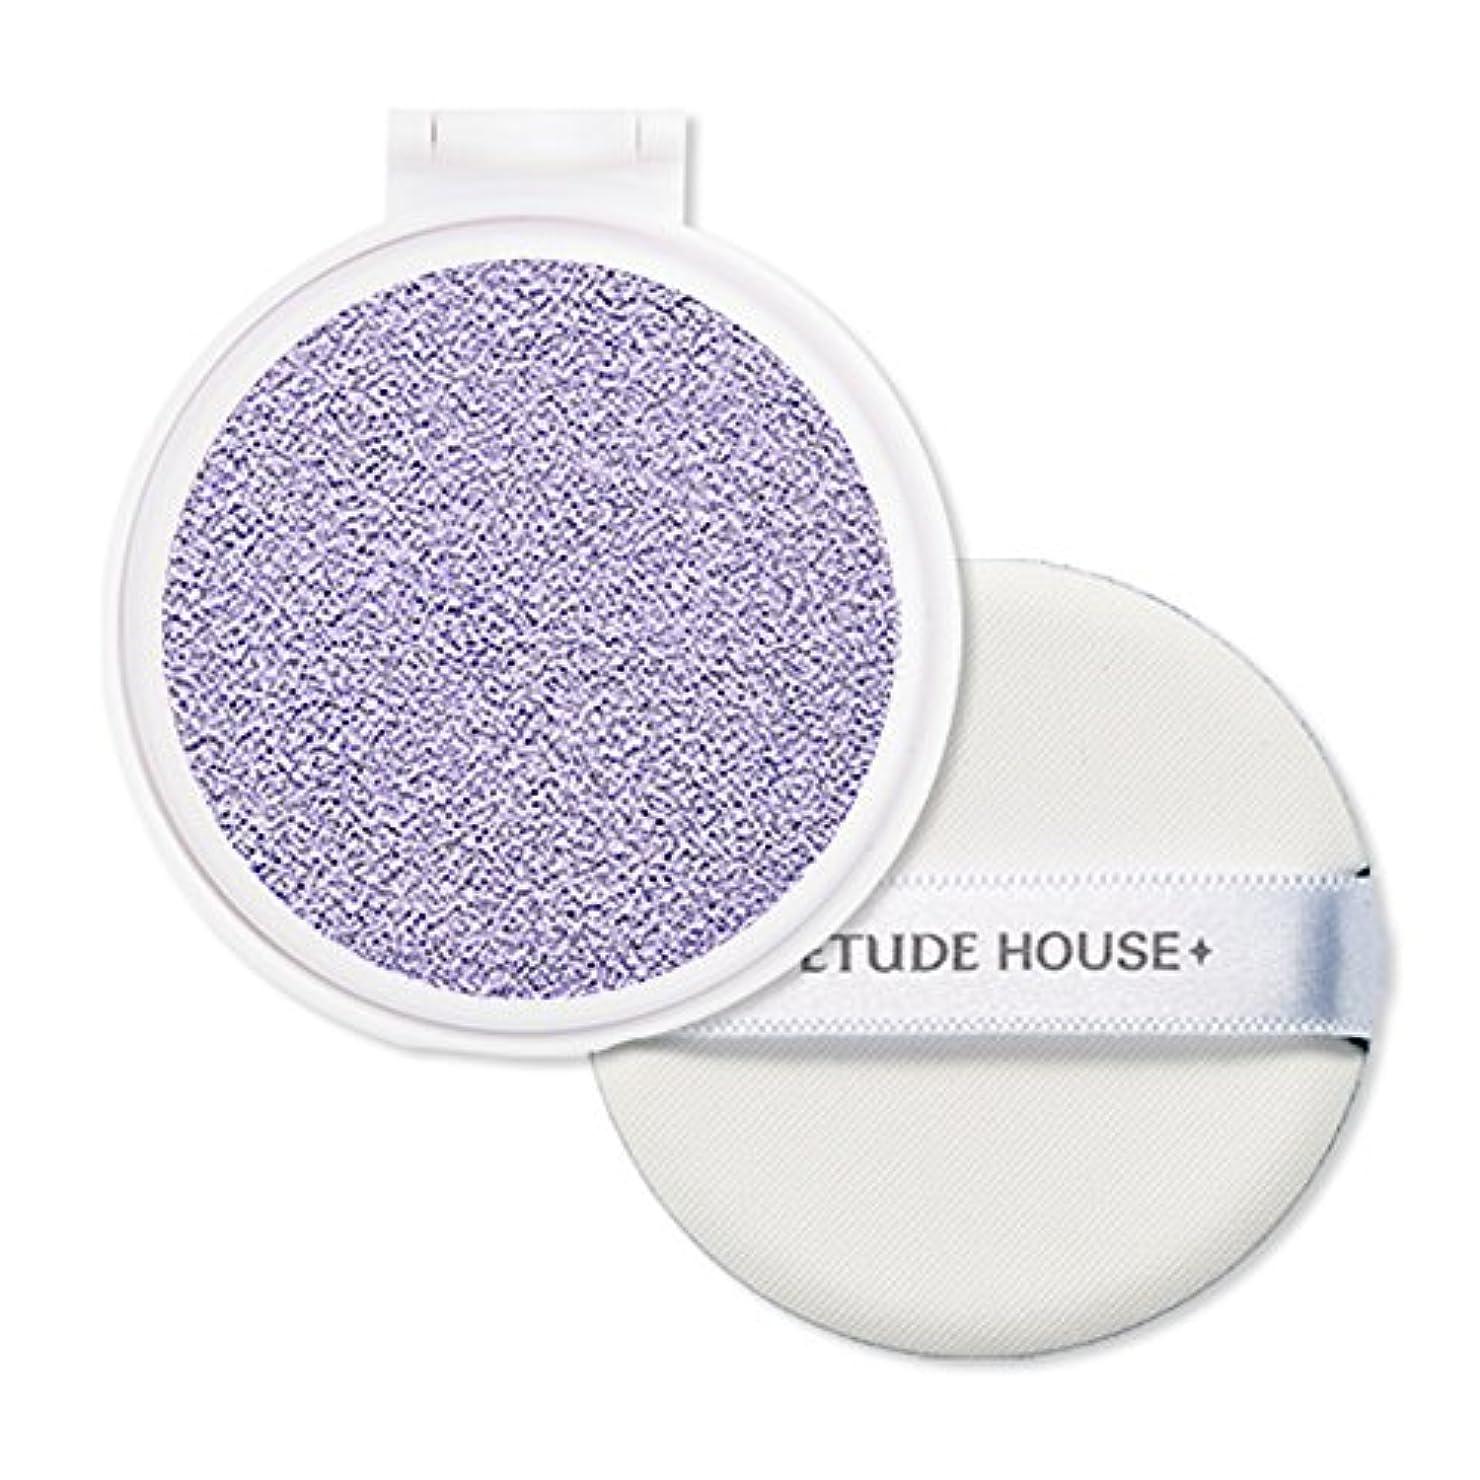 昆虫を見る見込み特別なエチュードハウス(ETUDE HOUSE) エニークッション カラーコレクター レフィル Lavender